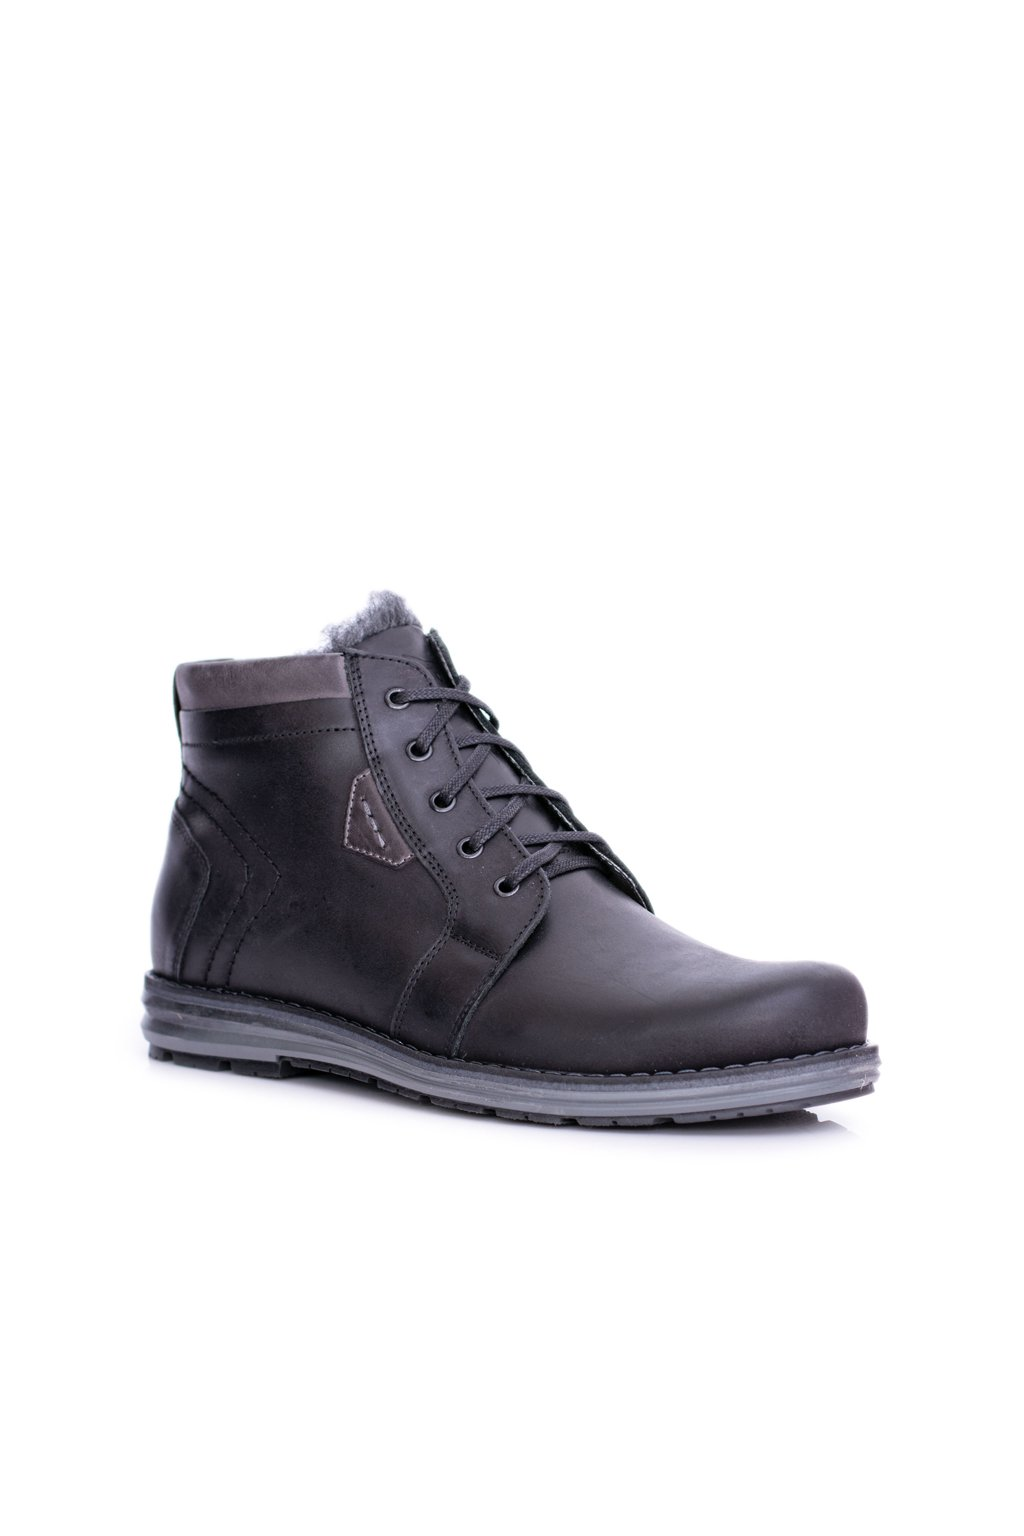 Pánske topánky na zimu farba čierna kód obuvi J-34 BLK